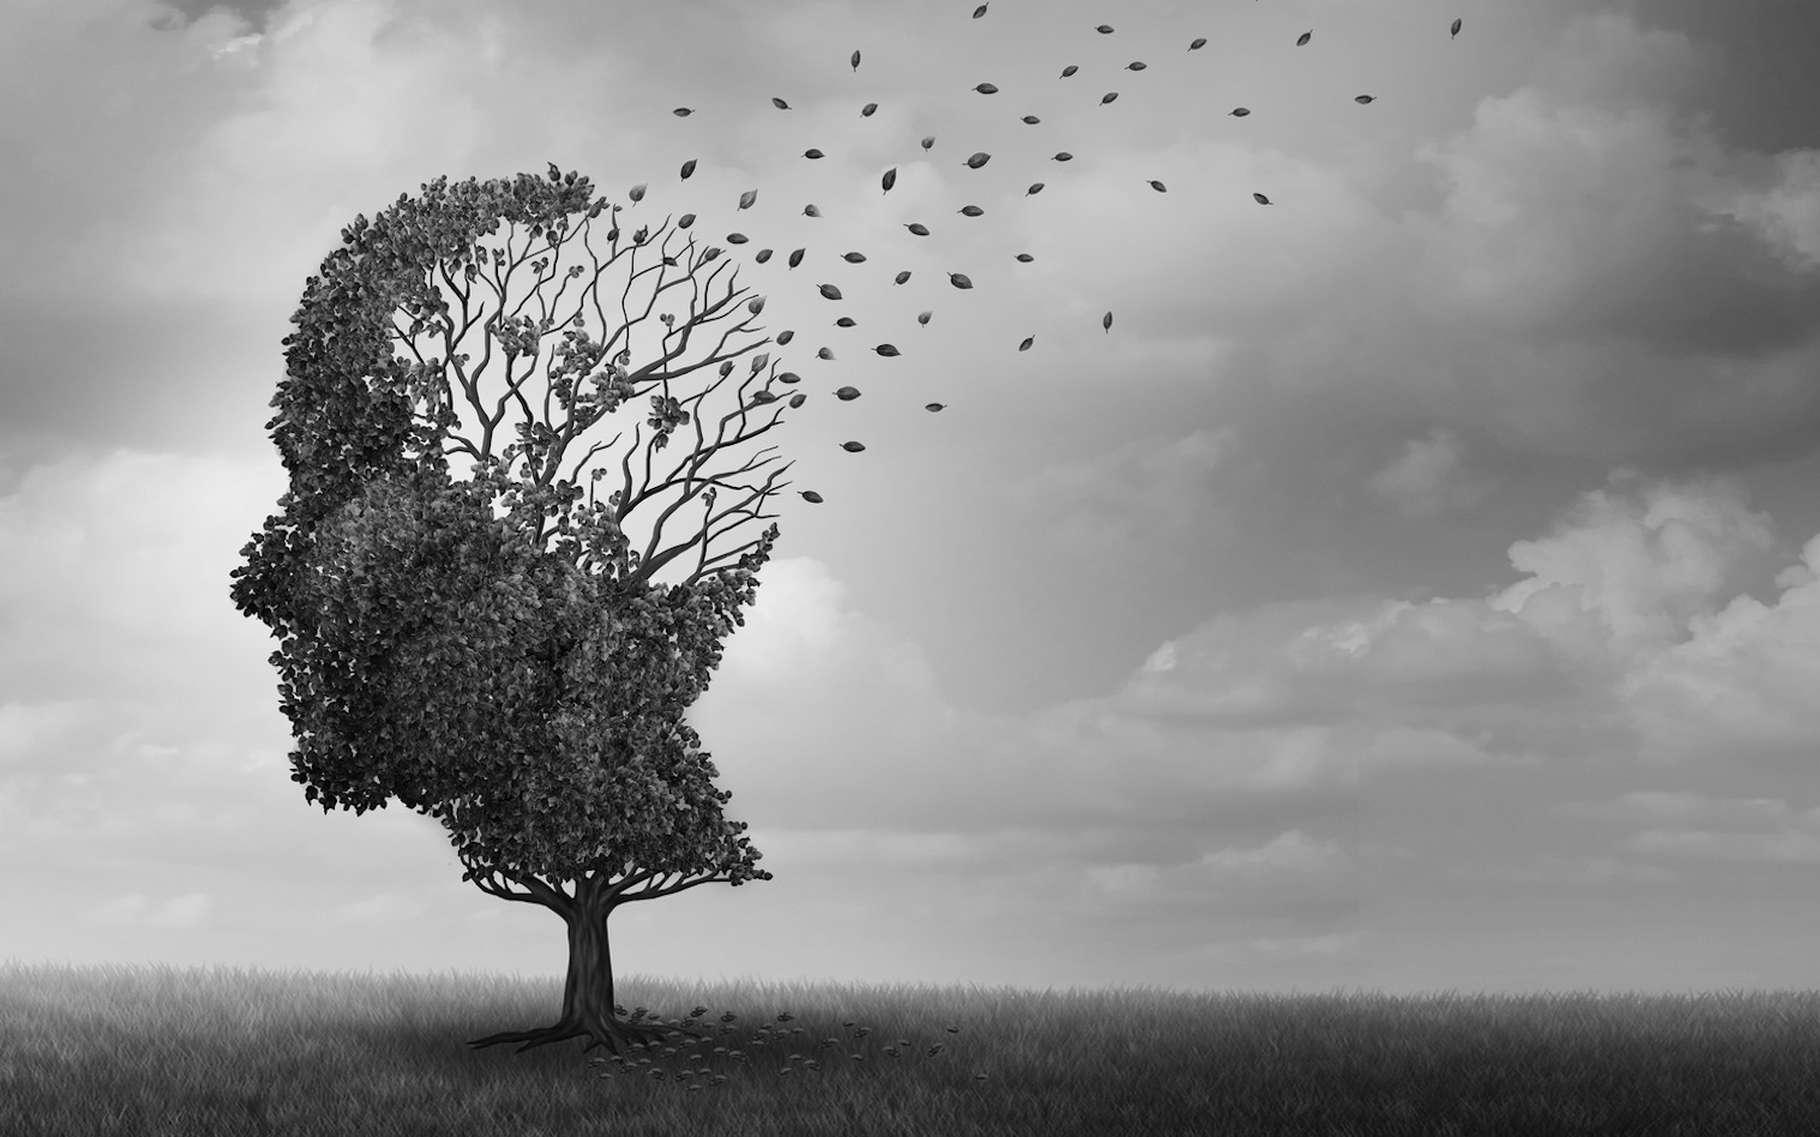 La maladie d'Azheimer touche une part grandissante de la population vieillissante. De récentes preuves suggèrent que la dysrégulation épigénétique qui conduit à des modifications de l'expression génique spécifique à la région cérébrale constitue l'une des bases physiopathologiques de cette neurodégénérescence. Des chercheurs ont exploré cette piste et obtenu des résultats encourageants. © freshidea, Fotolia